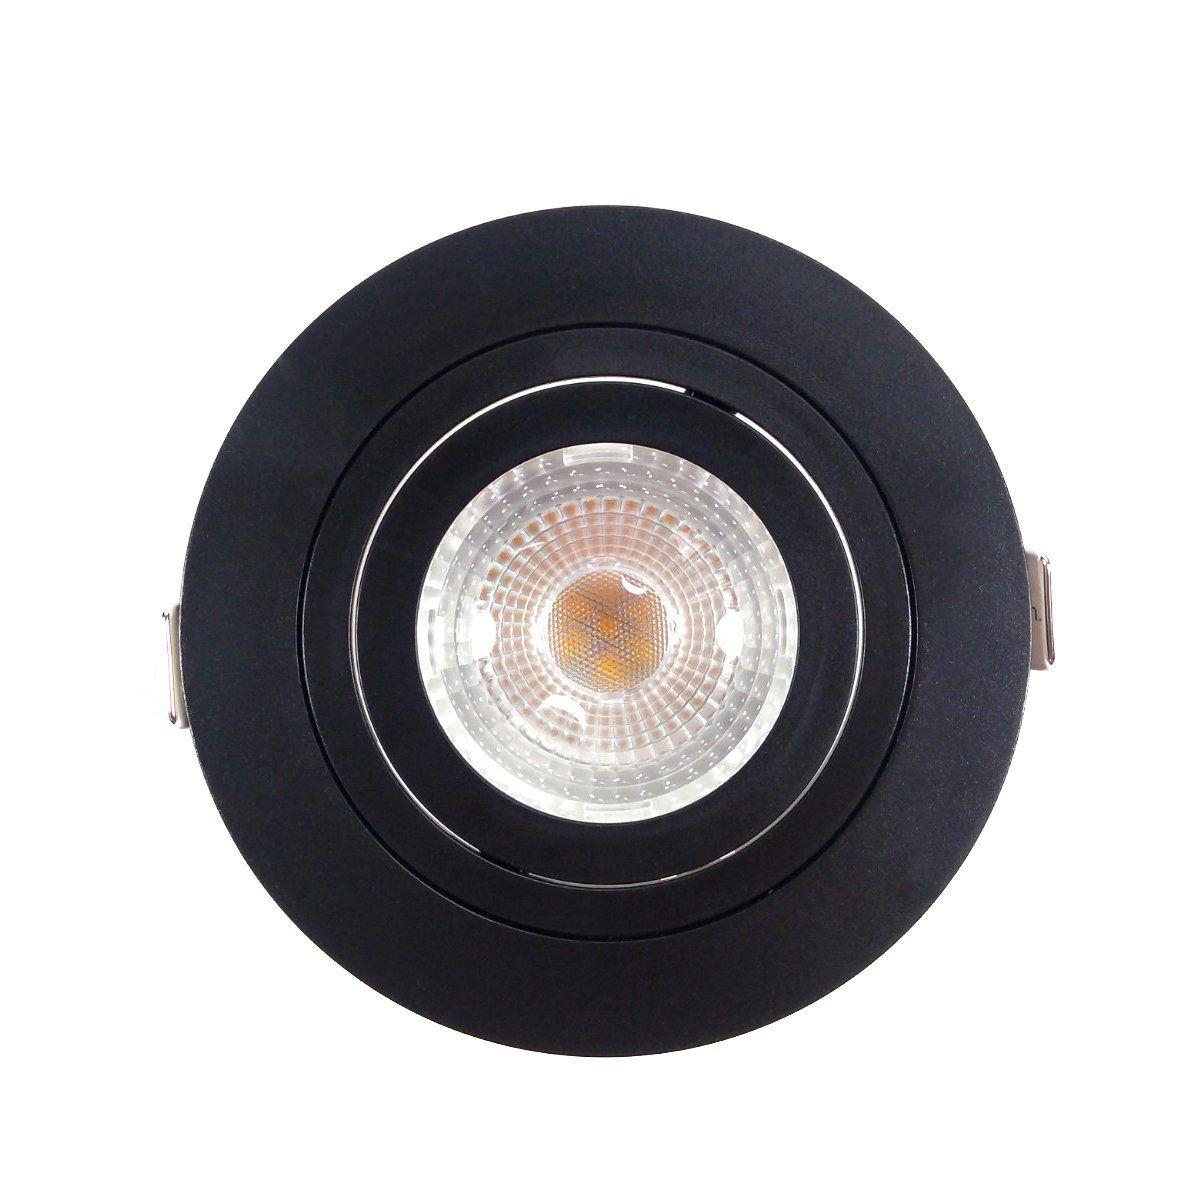 Spot Embutir Par 20 Preto + Lâmpada LED